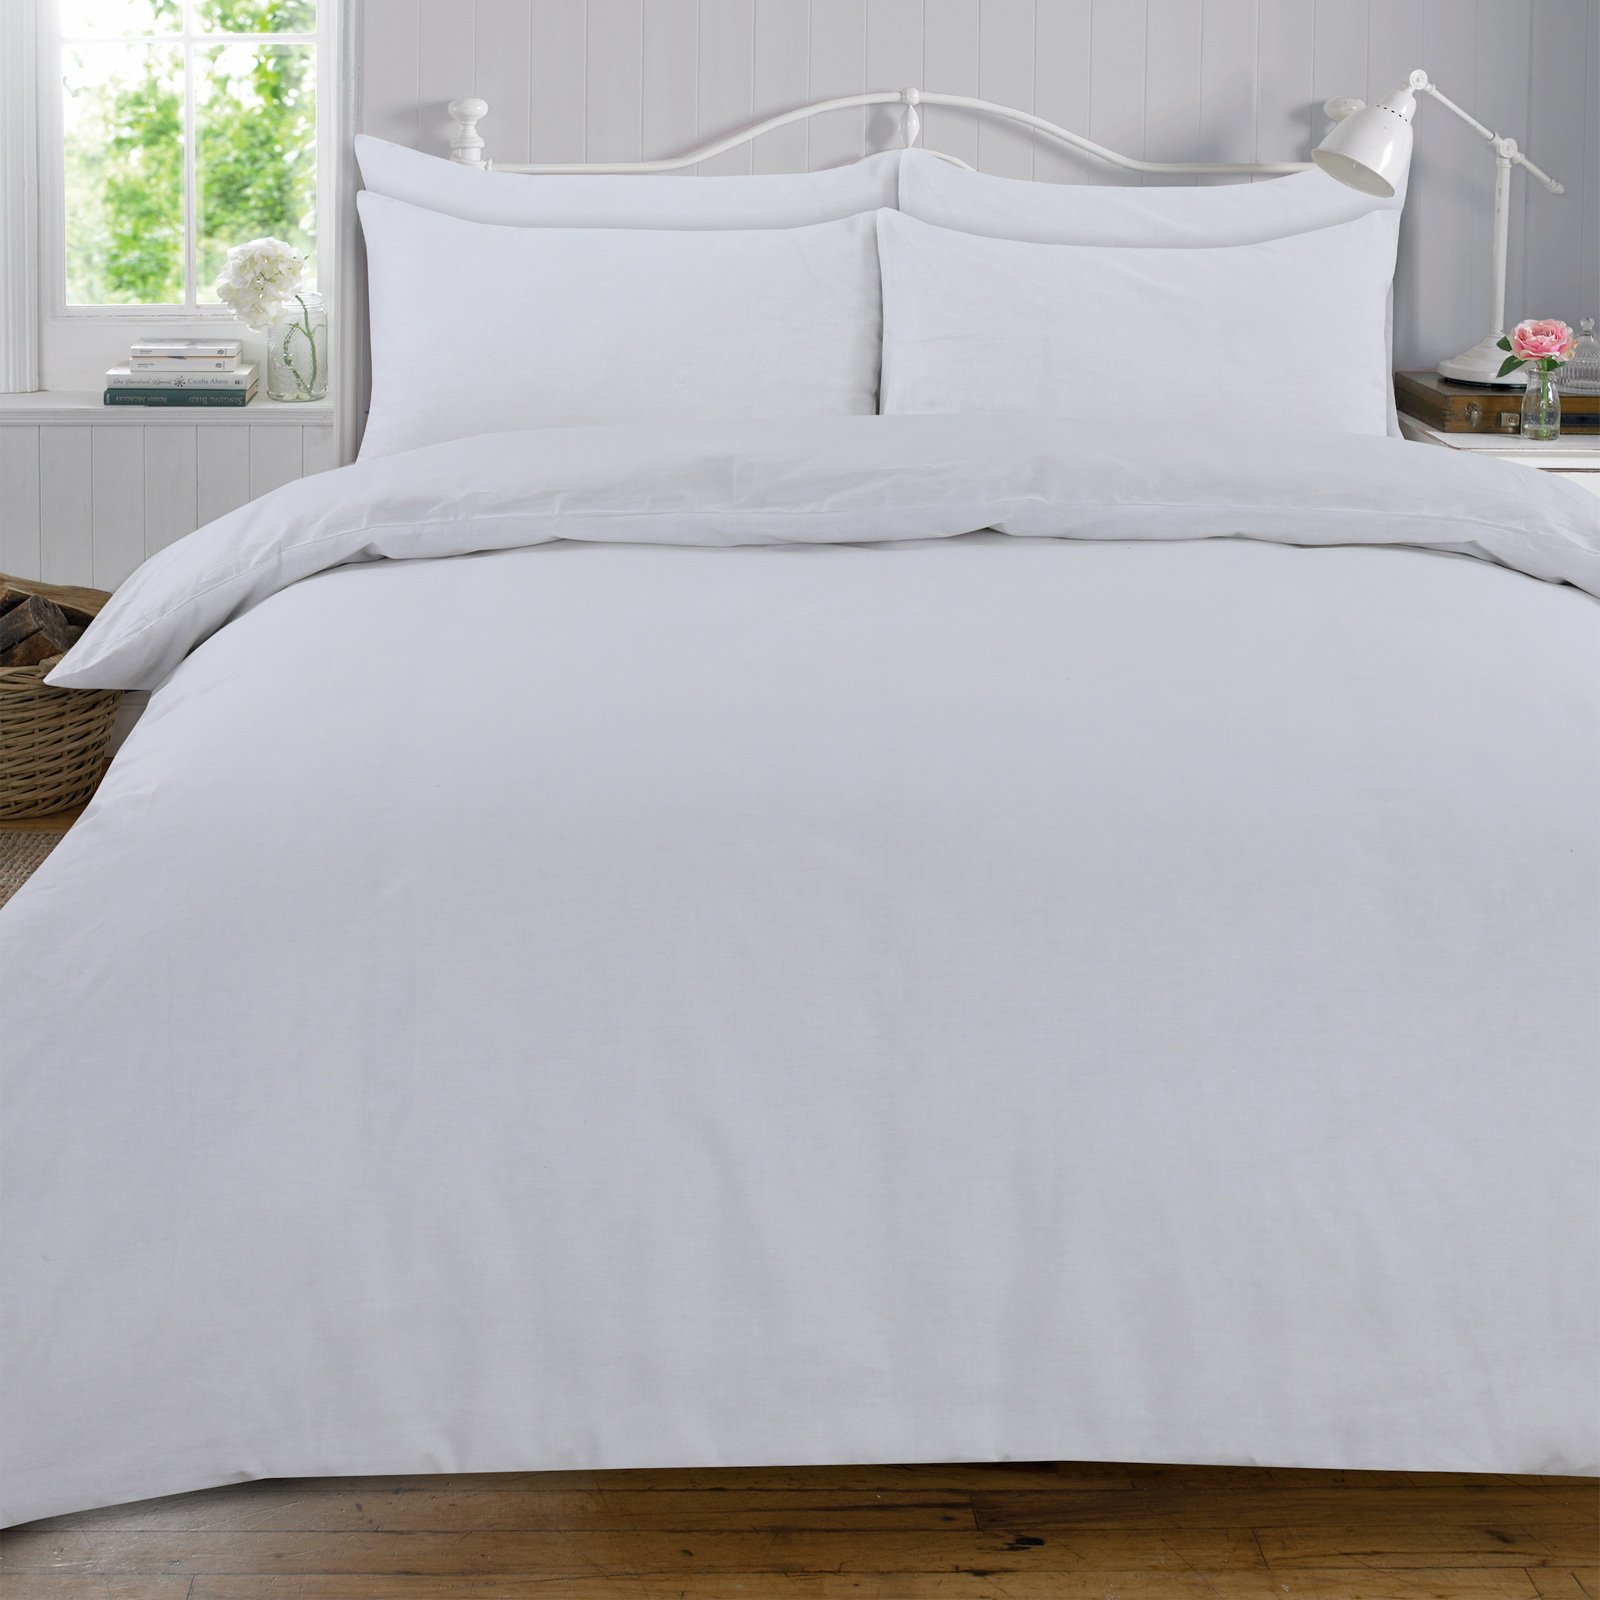 Highams-100-Cotton-Complet-Housse-de-Couette-et-Taie-D-039-Oreiller-Ajuste-Drap